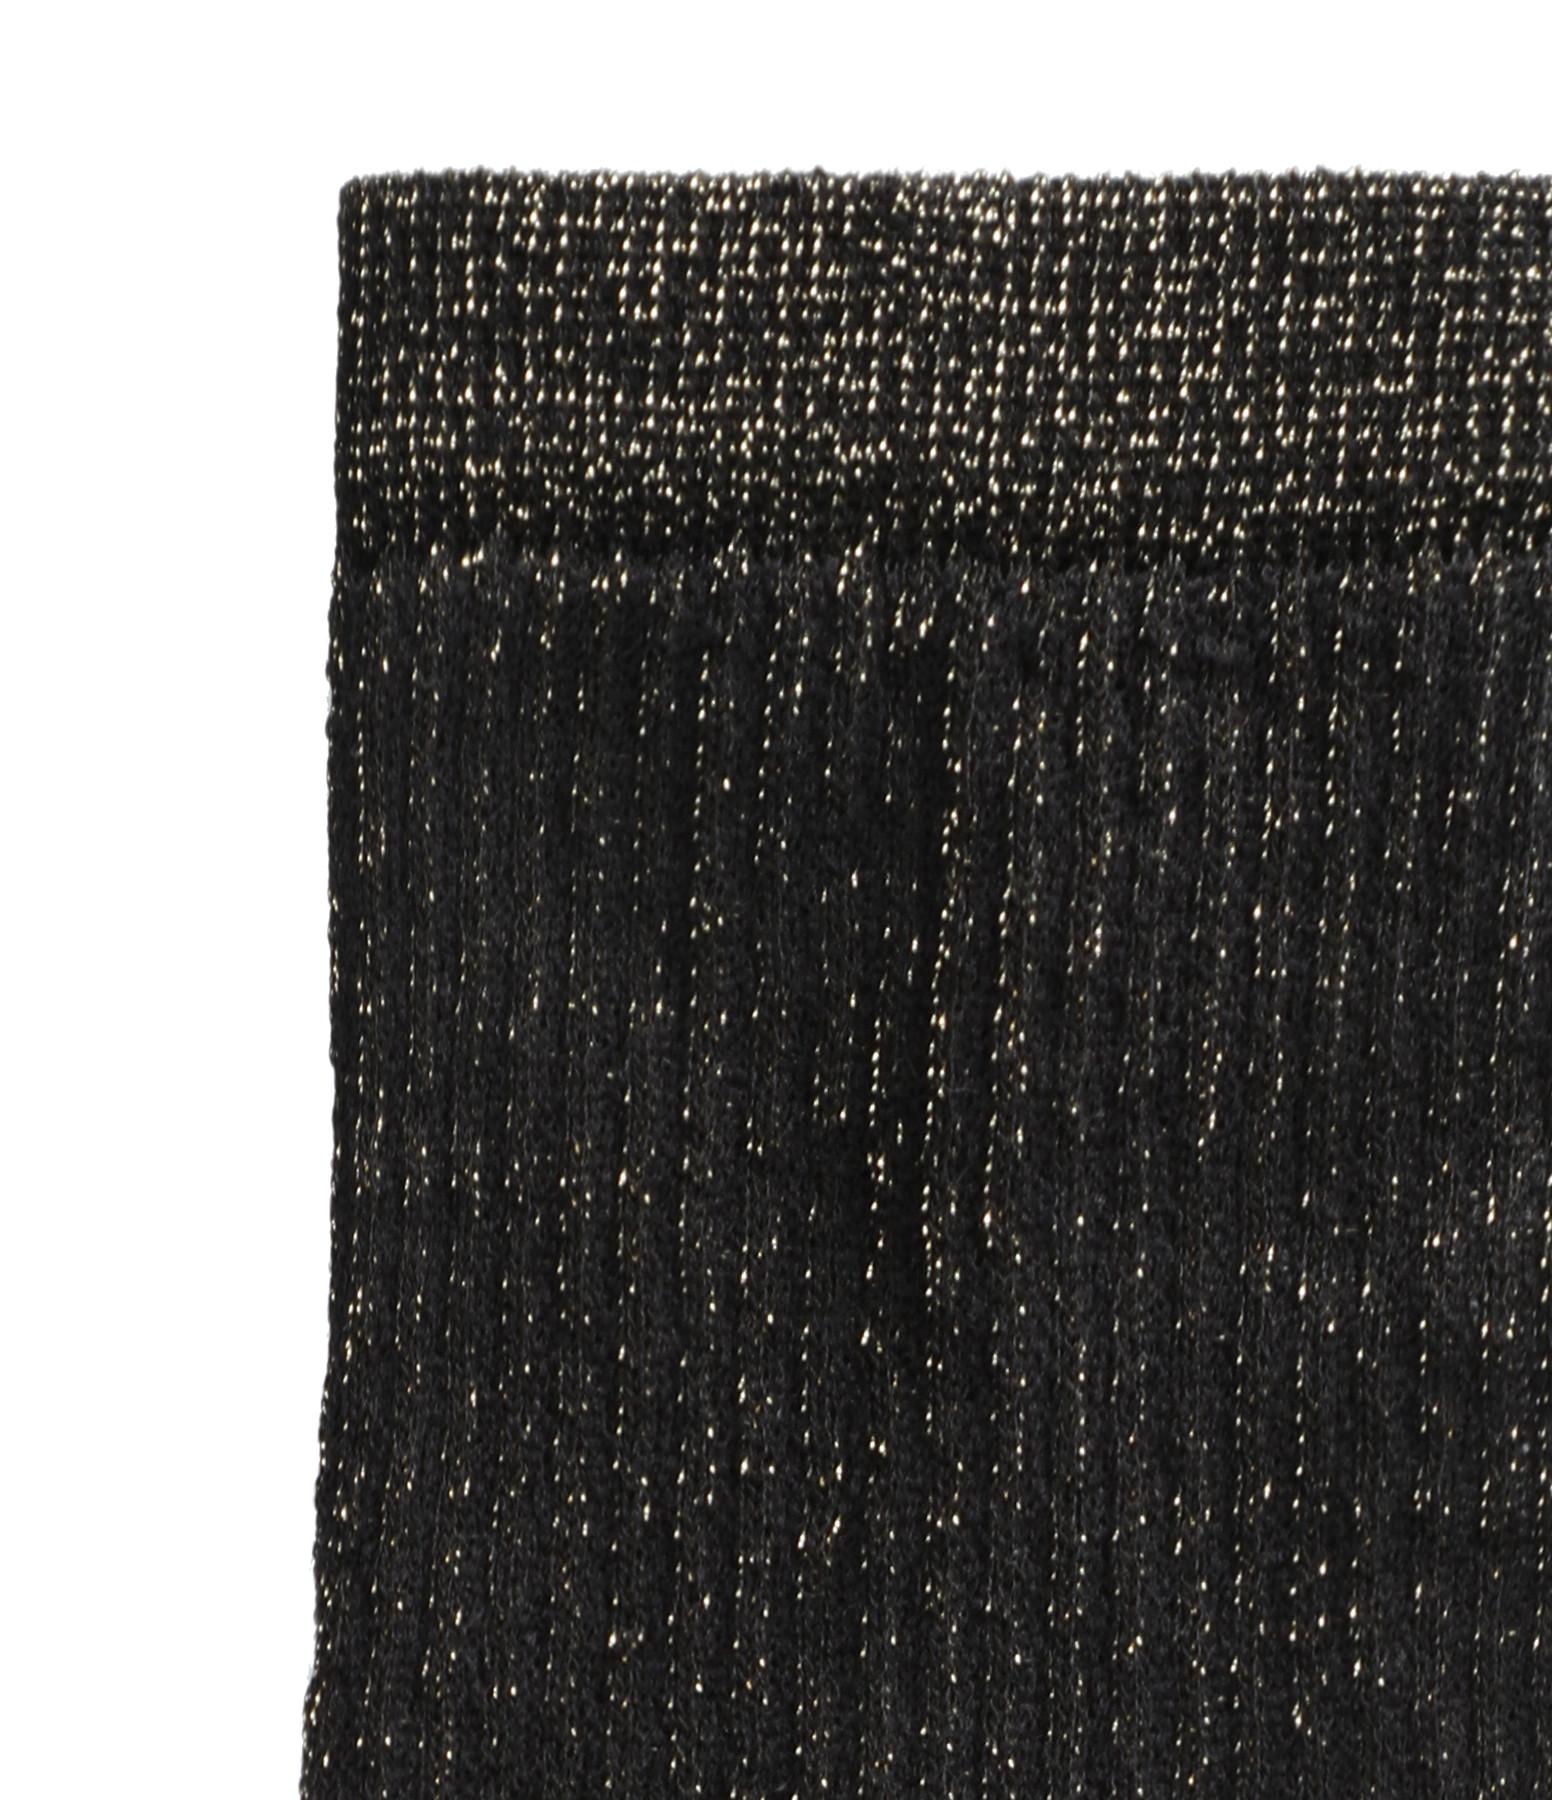 LA NOUVELLE - Chaussettes Lurex Noir